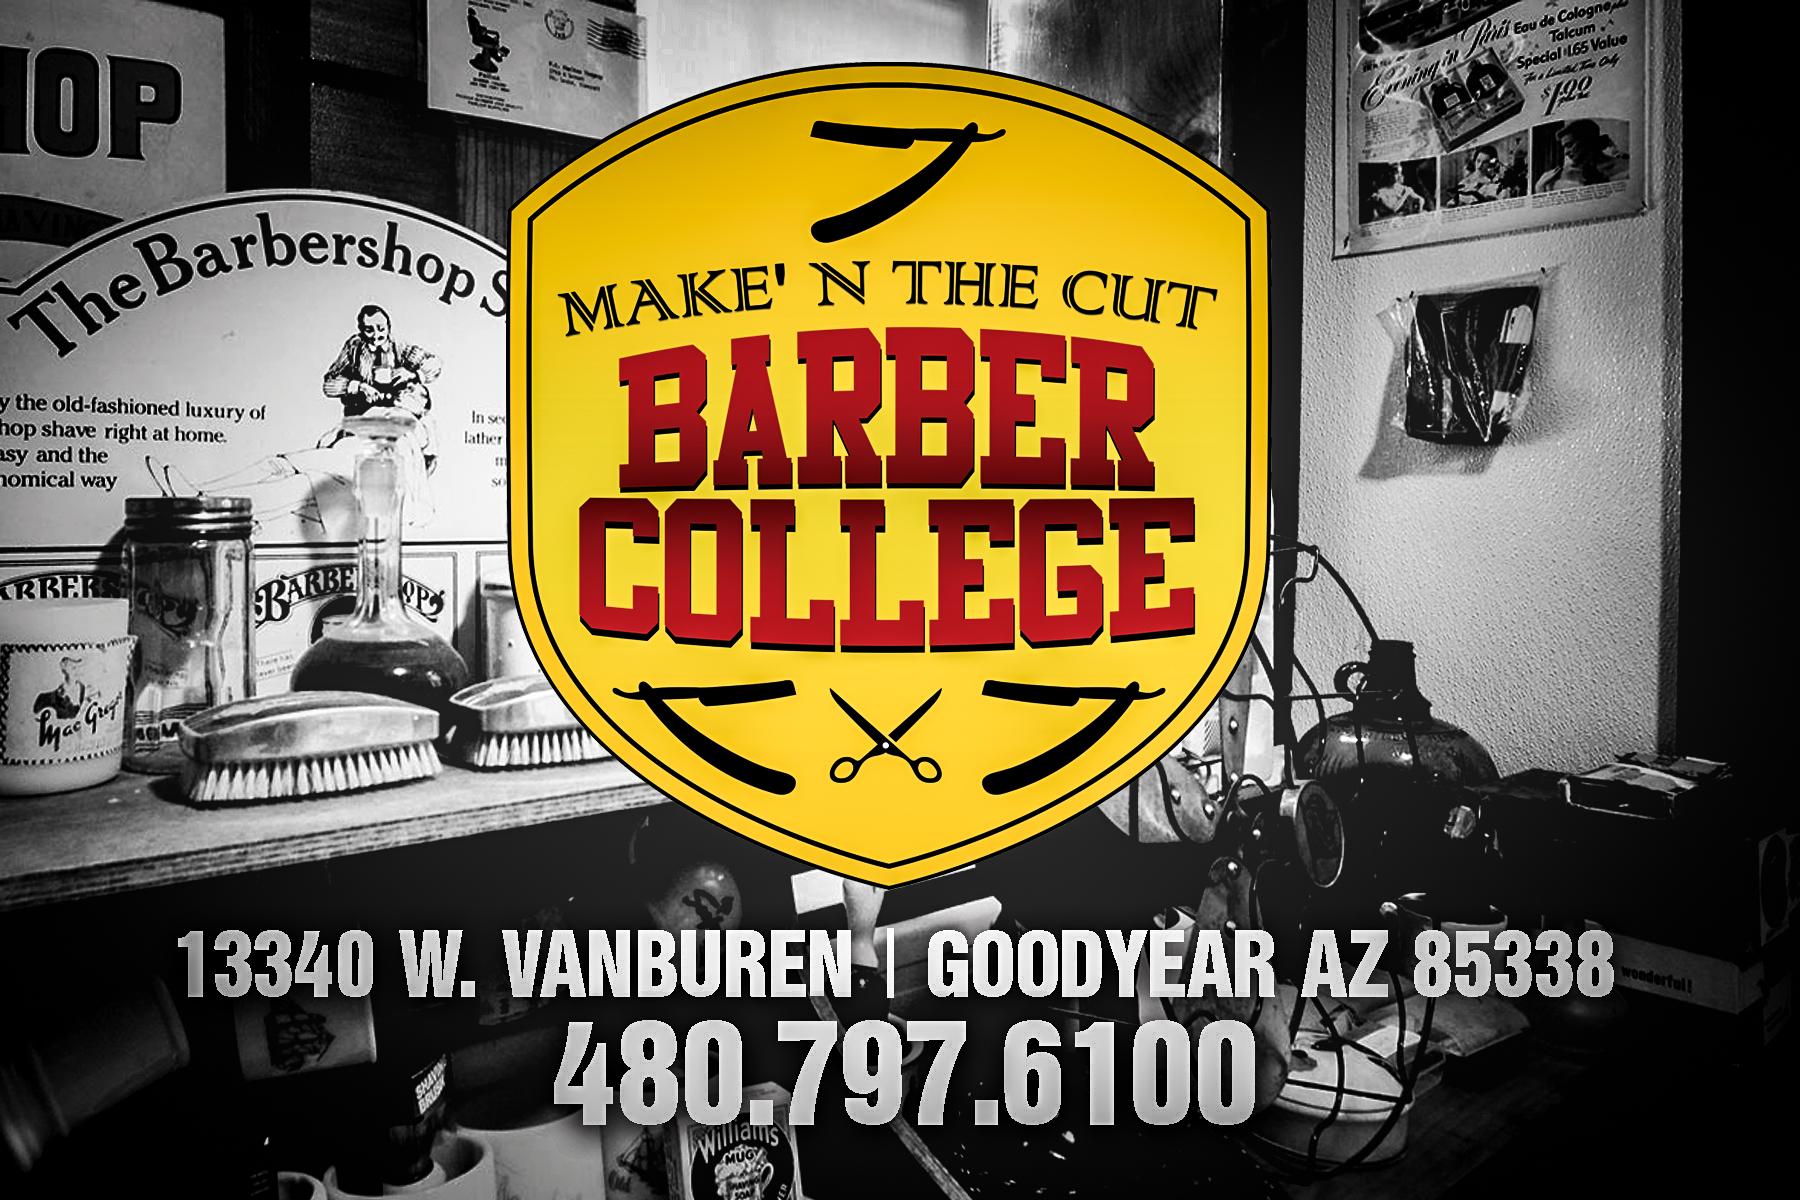 Make' N the Cut Barber College